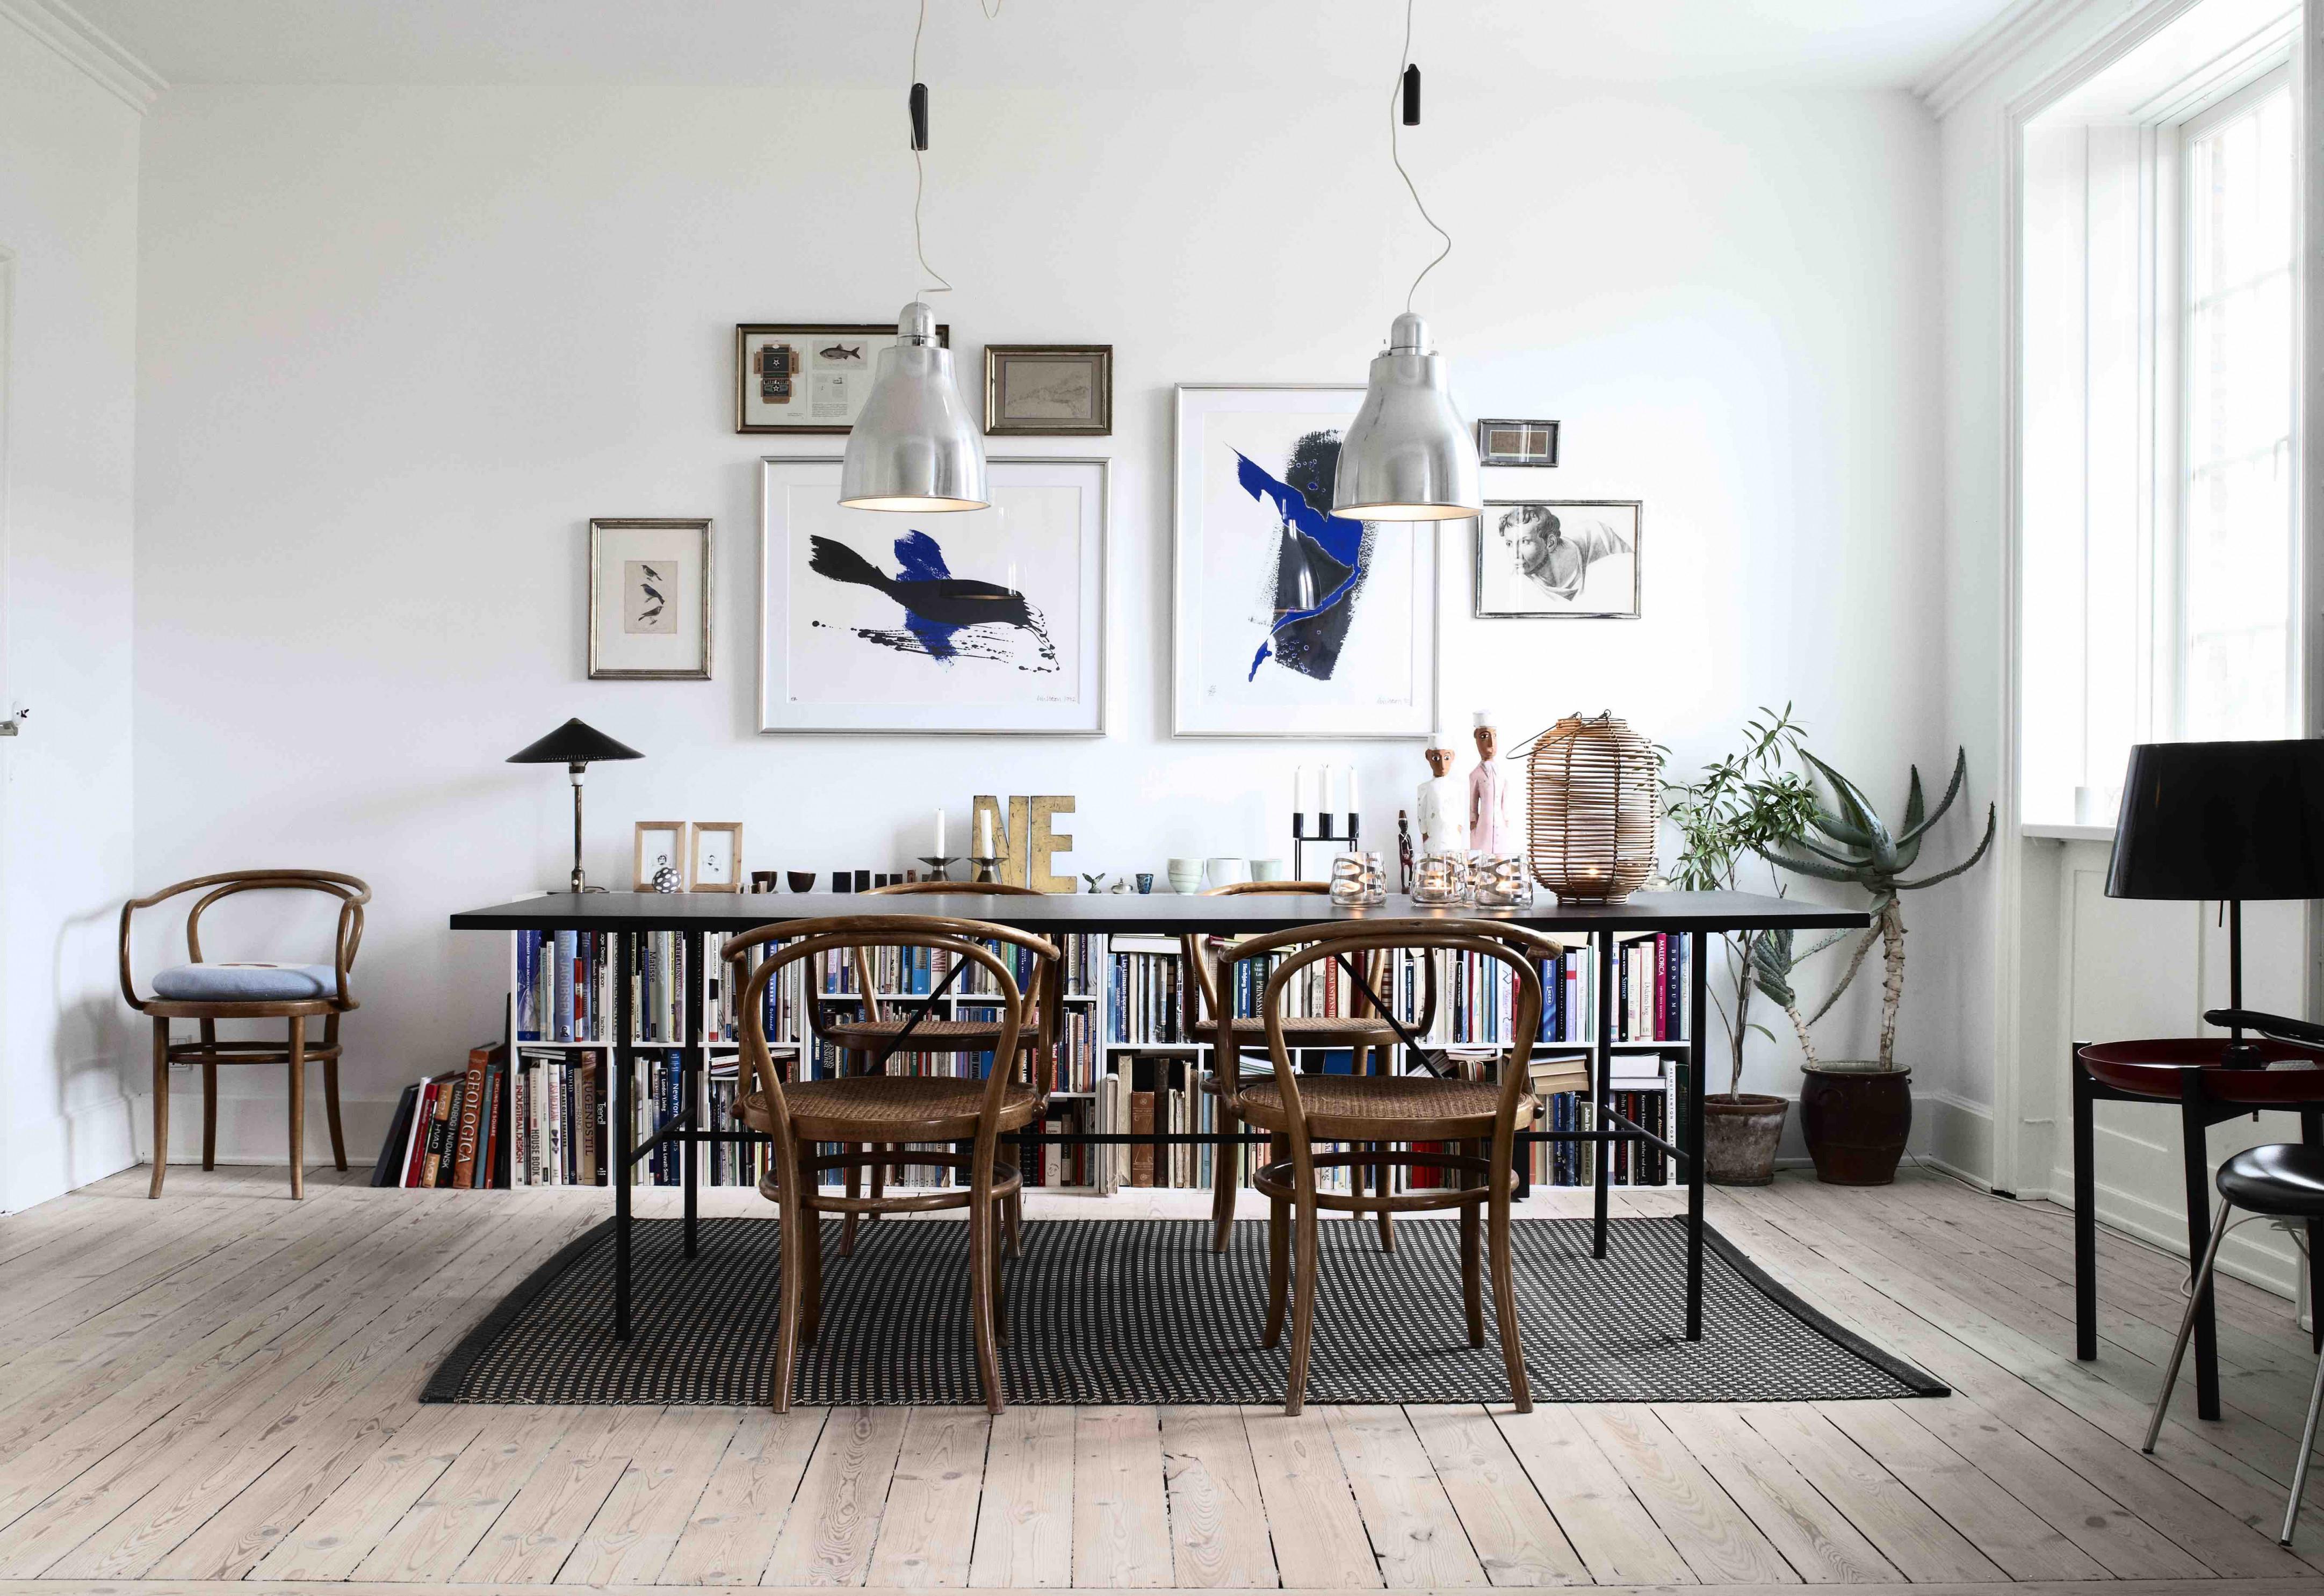 Ratgeber Bilder Aufhängen  Sense Of Home Magazin von Bilder Im Wohnzimmer Aufhängen Photo